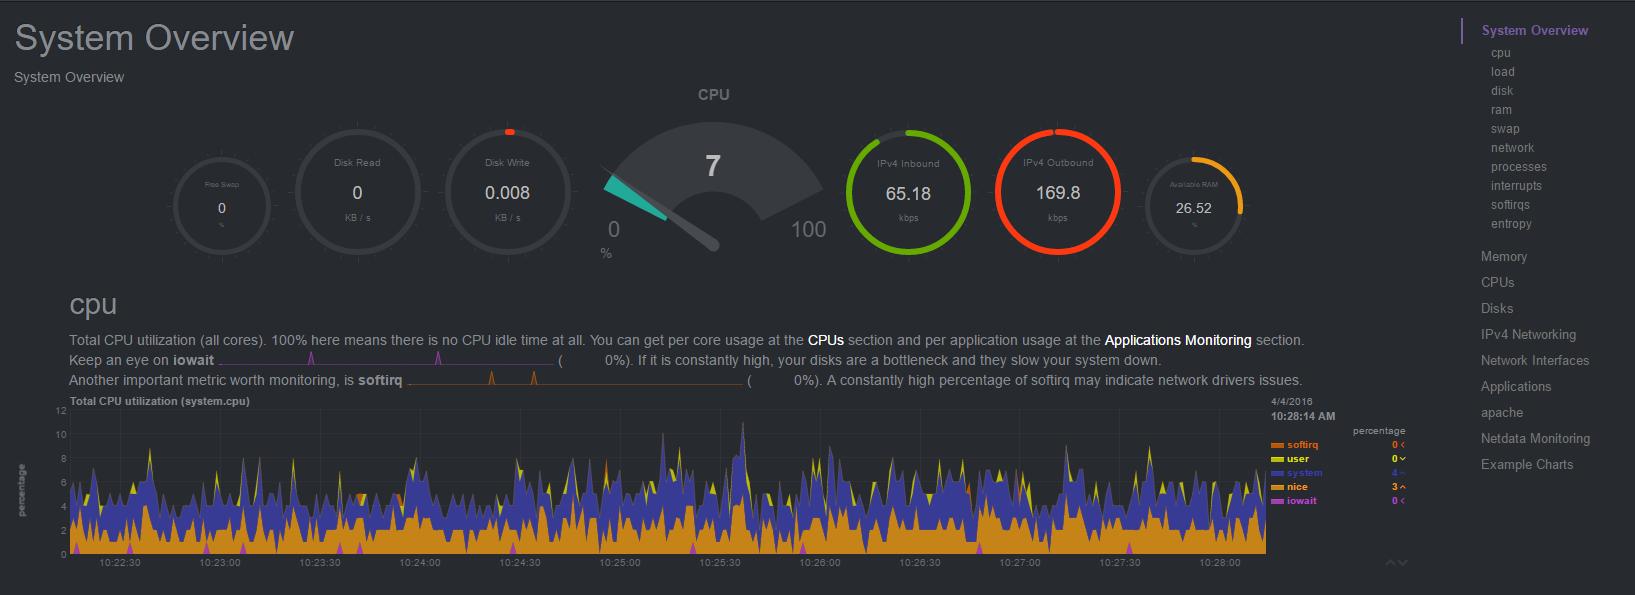 www data centos installer